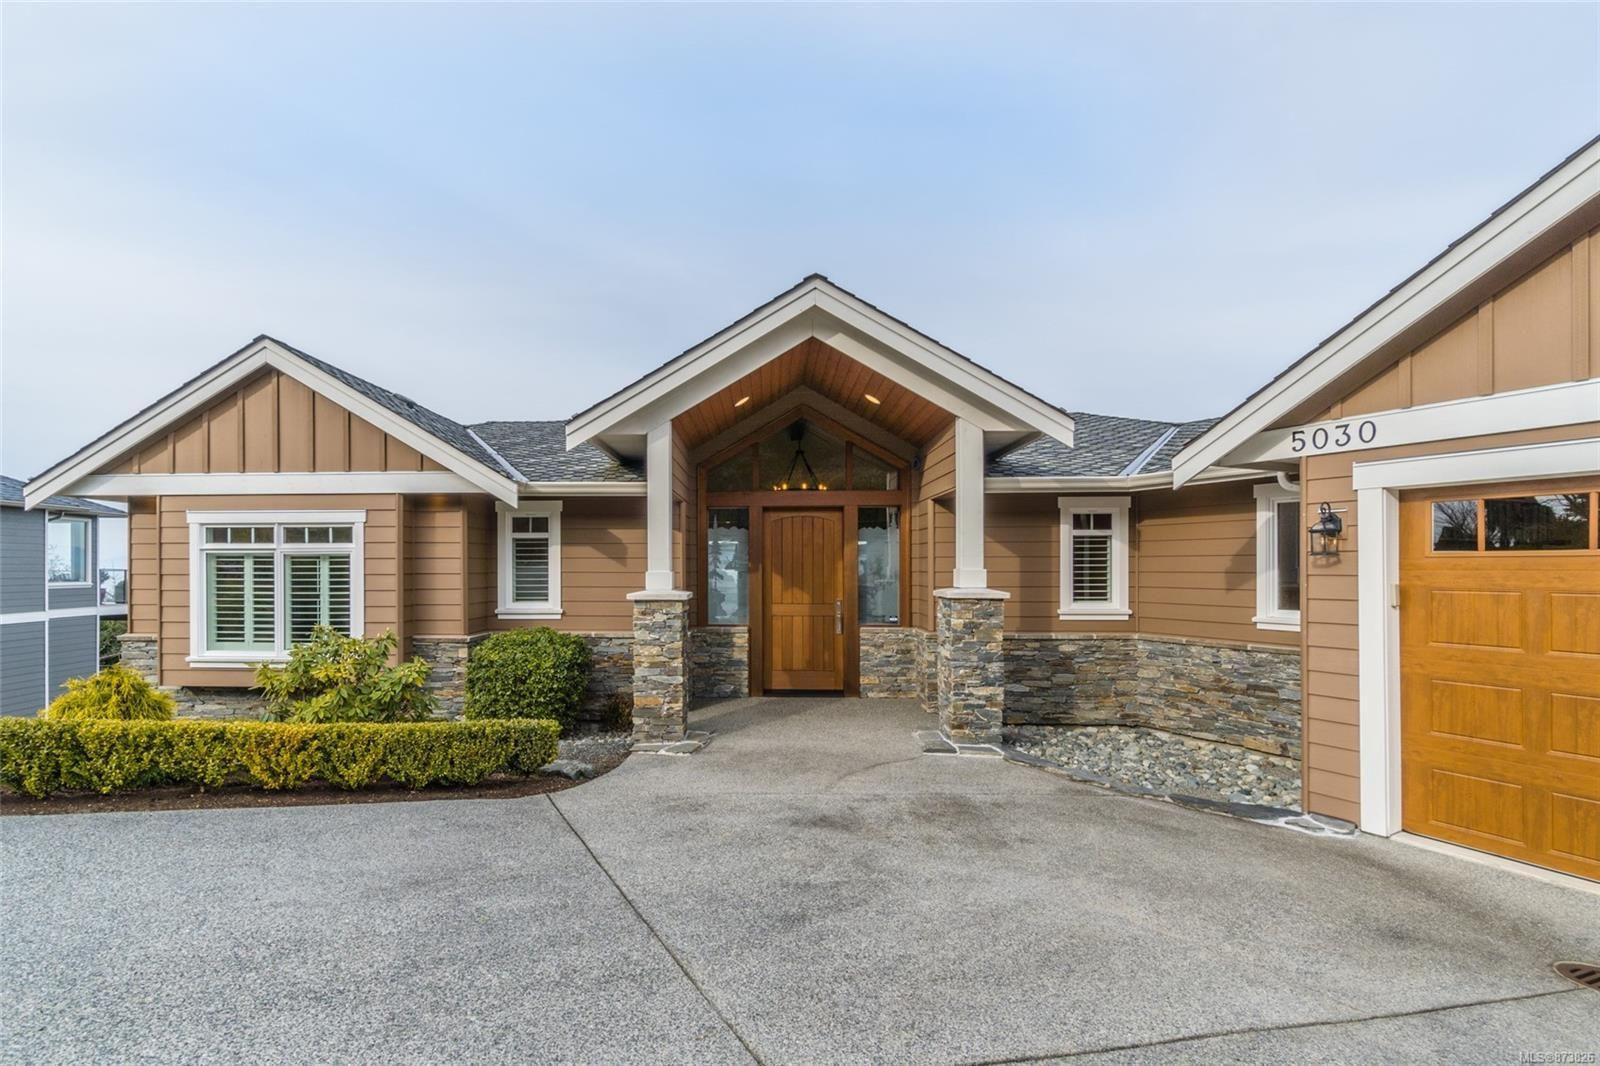 Main Photo: 5030 Banning Crt in : Na North Nanaimo House for sale (Nanaimo)  : MLS®# 873826